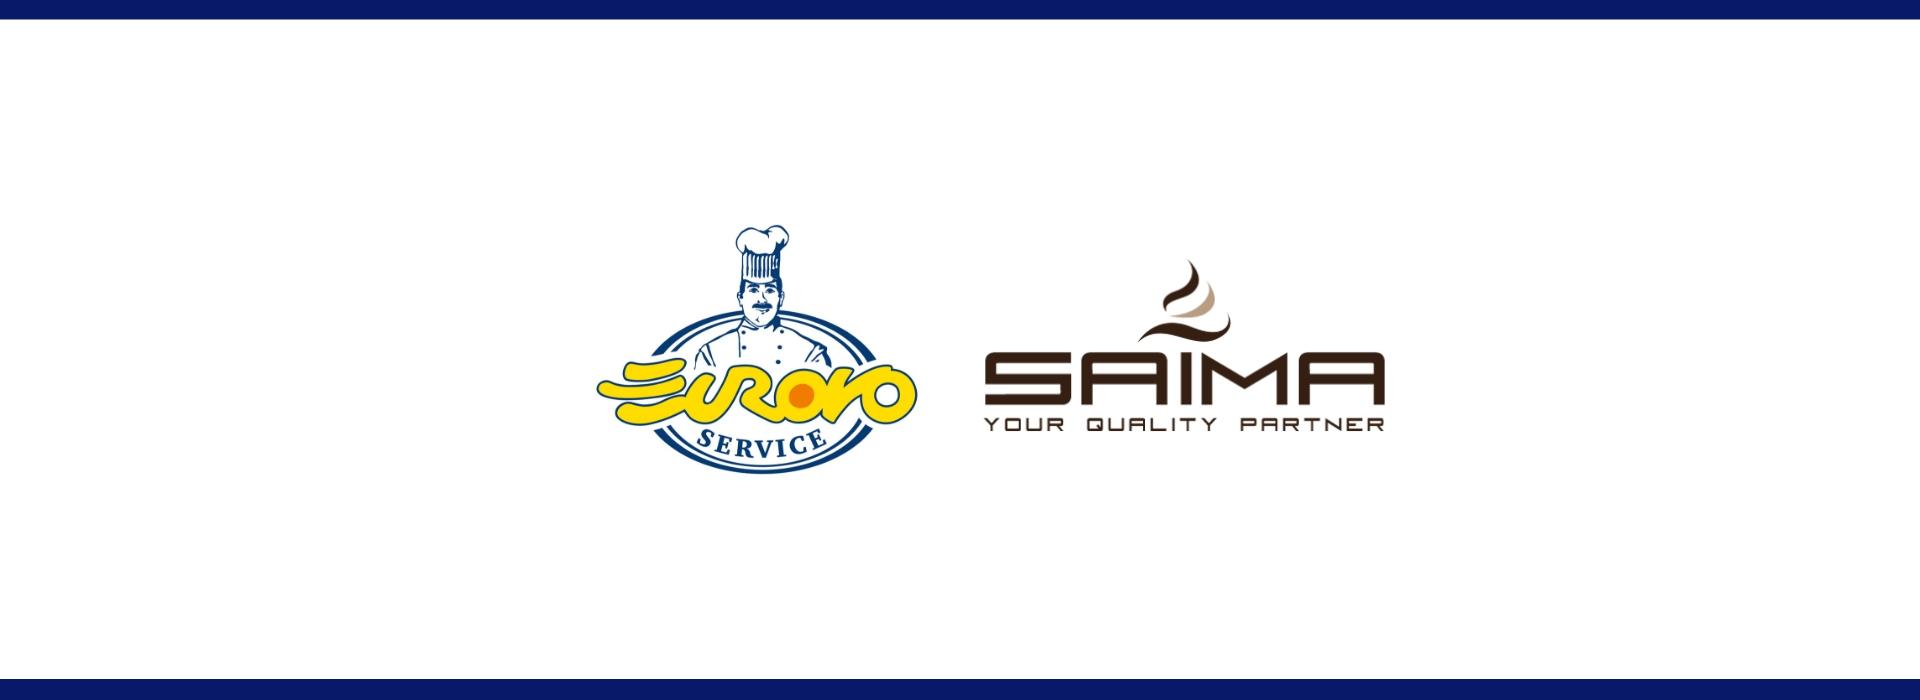 Saima nella squadra di Eurovo Service